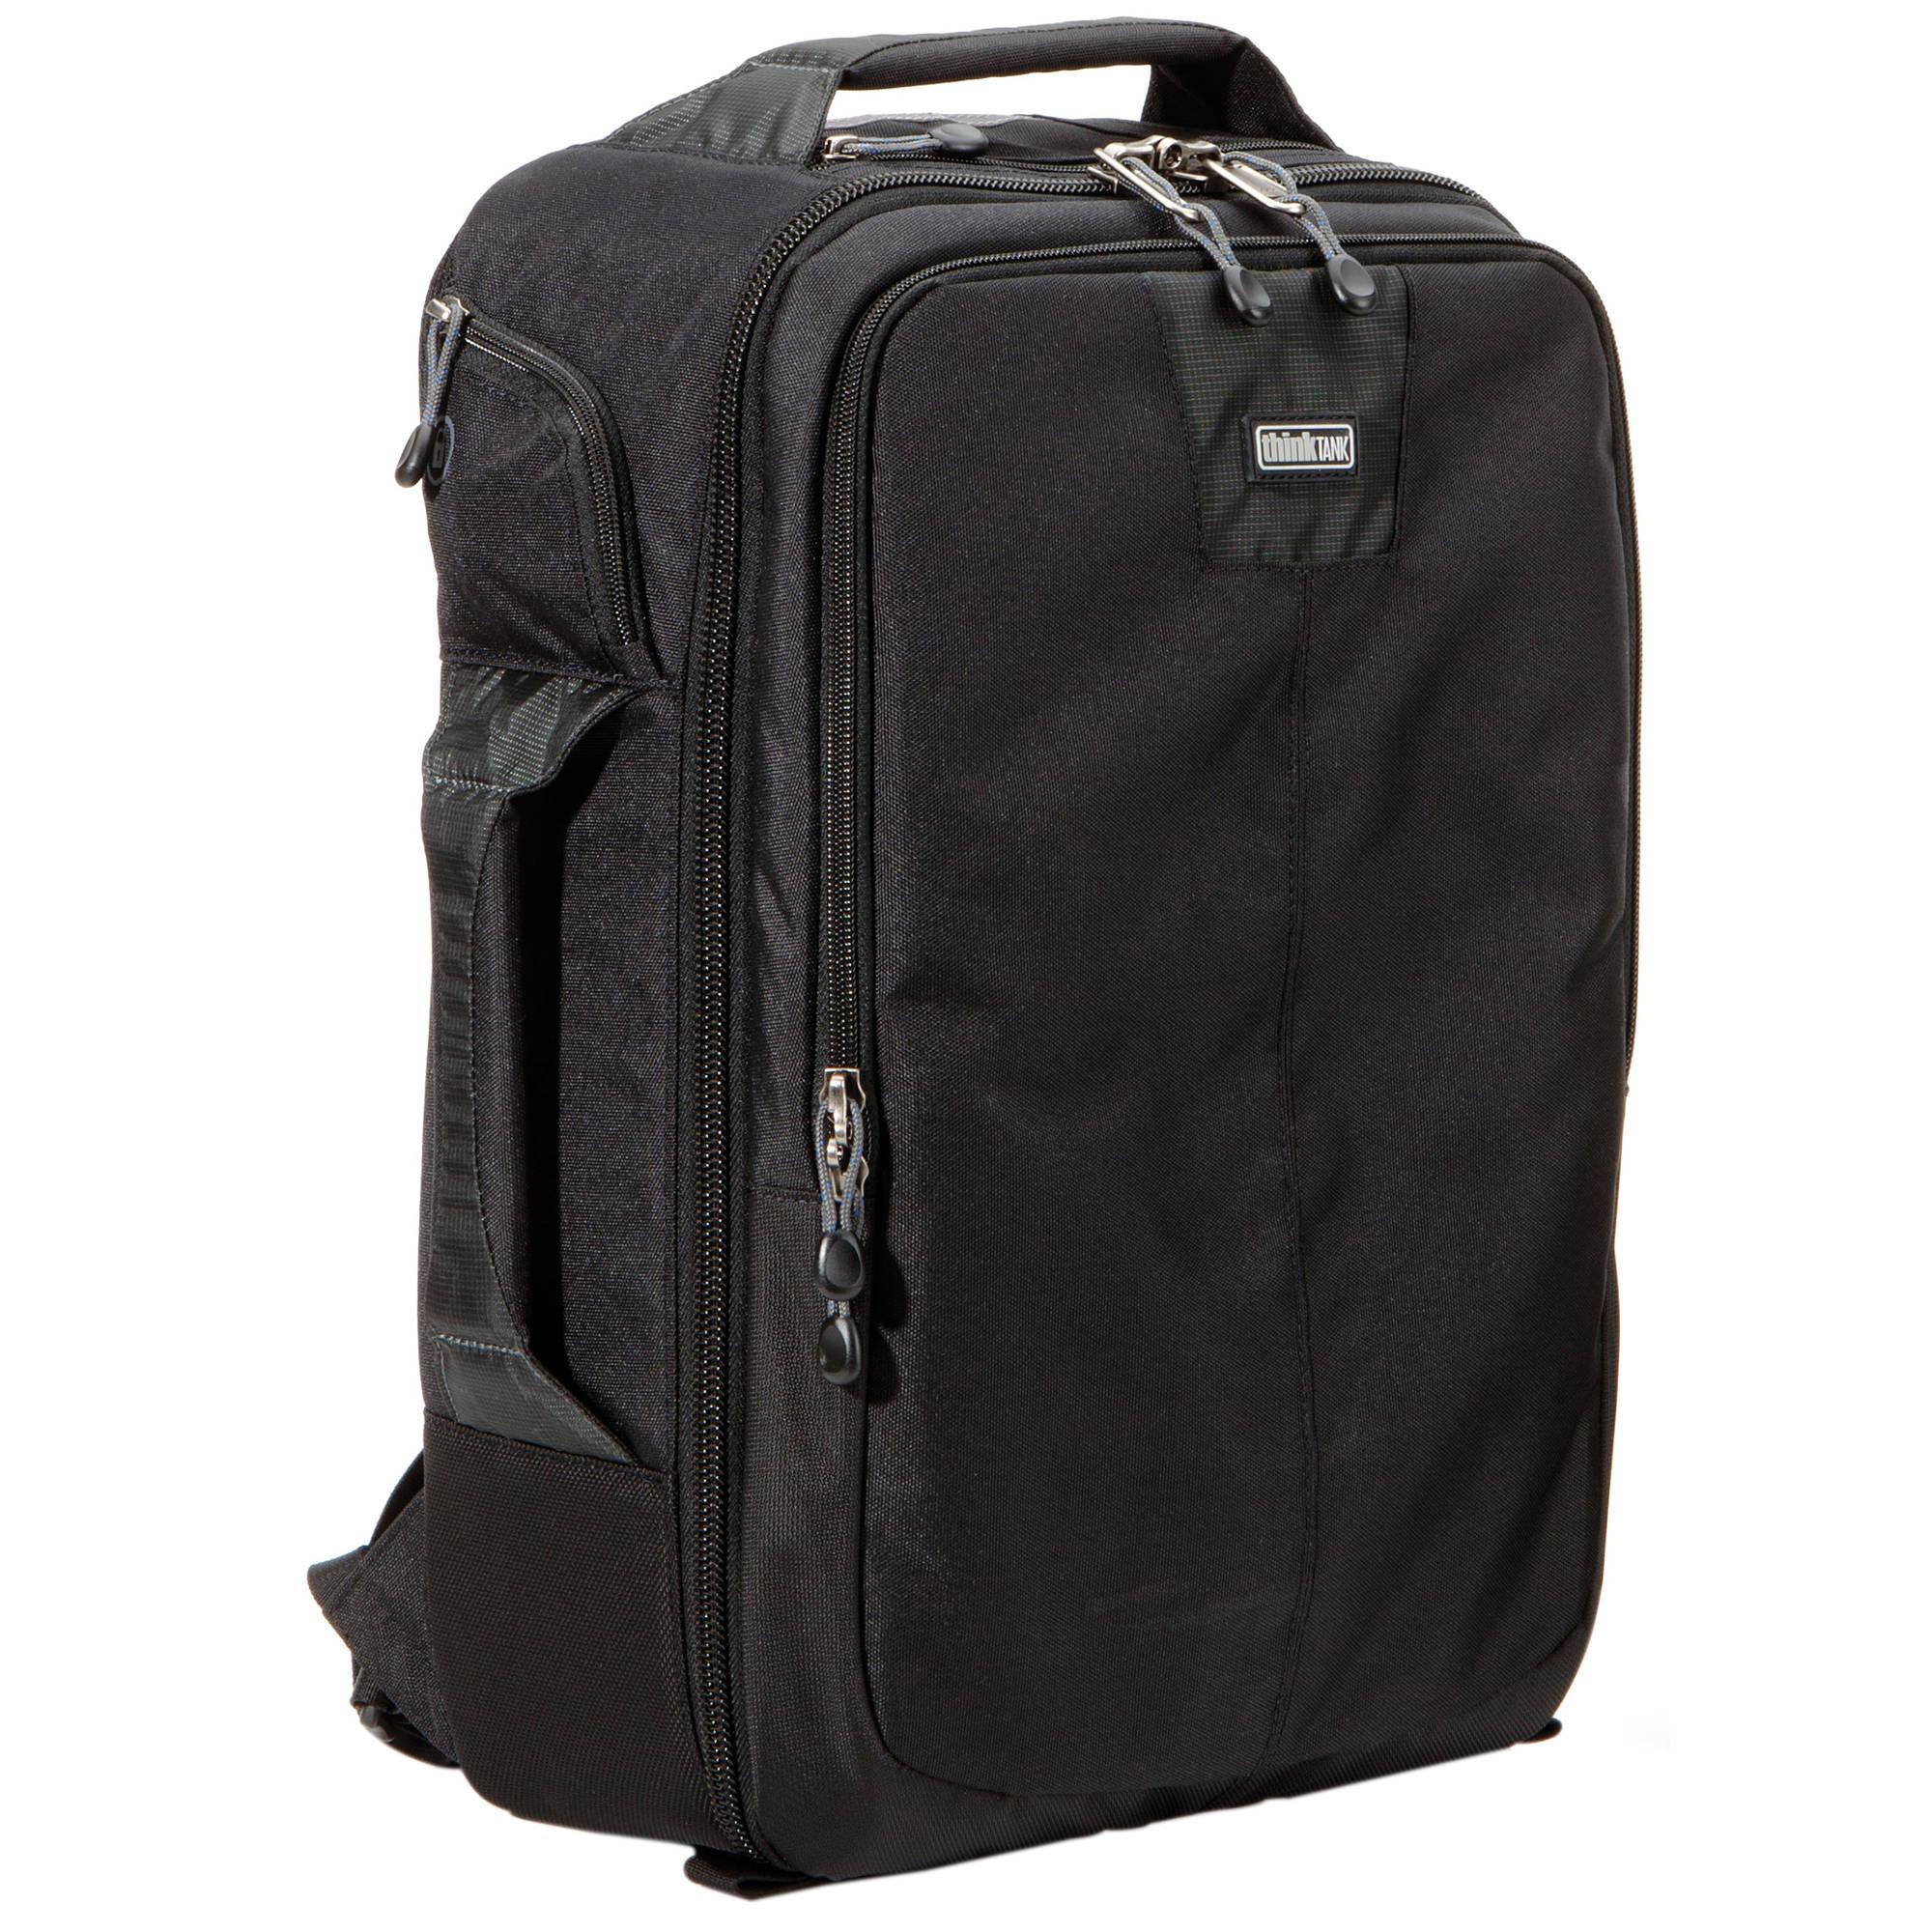 ◎相機專家◎ ThinkTank Airport Essentials AE483 後背包 彩宣公司貨